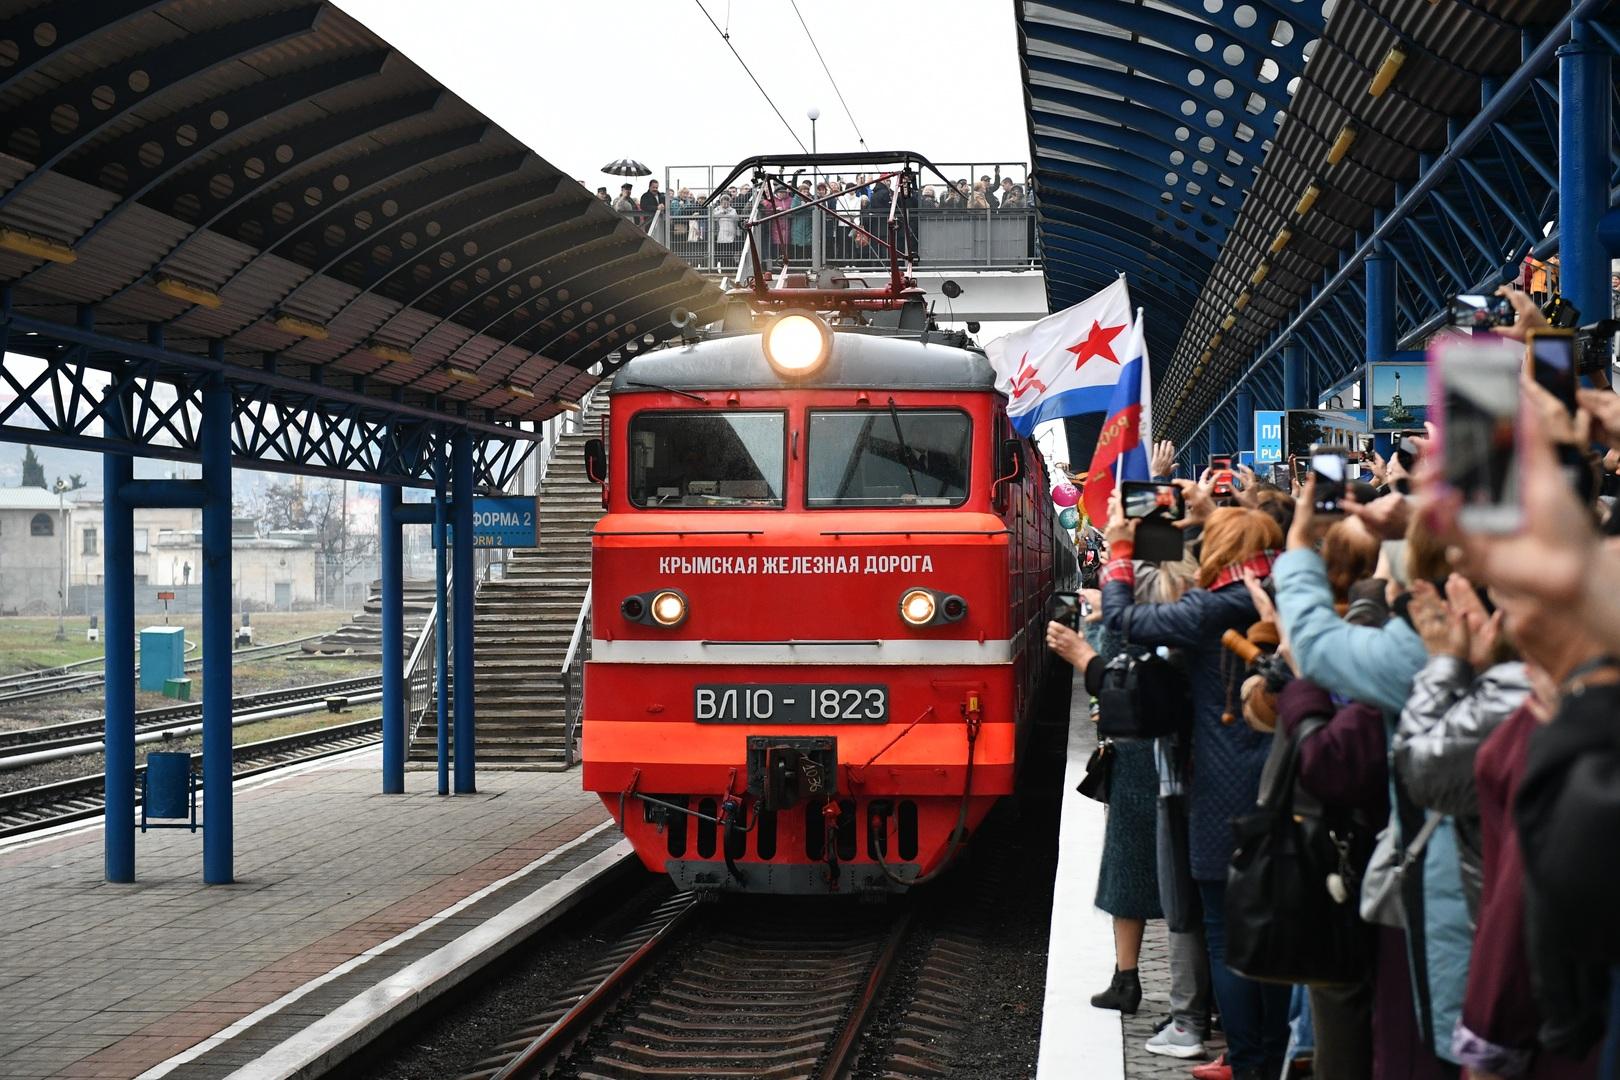 أول رحلة ركاب بالقطار تصل من بطرسبورغ إلى سيفاستوبول